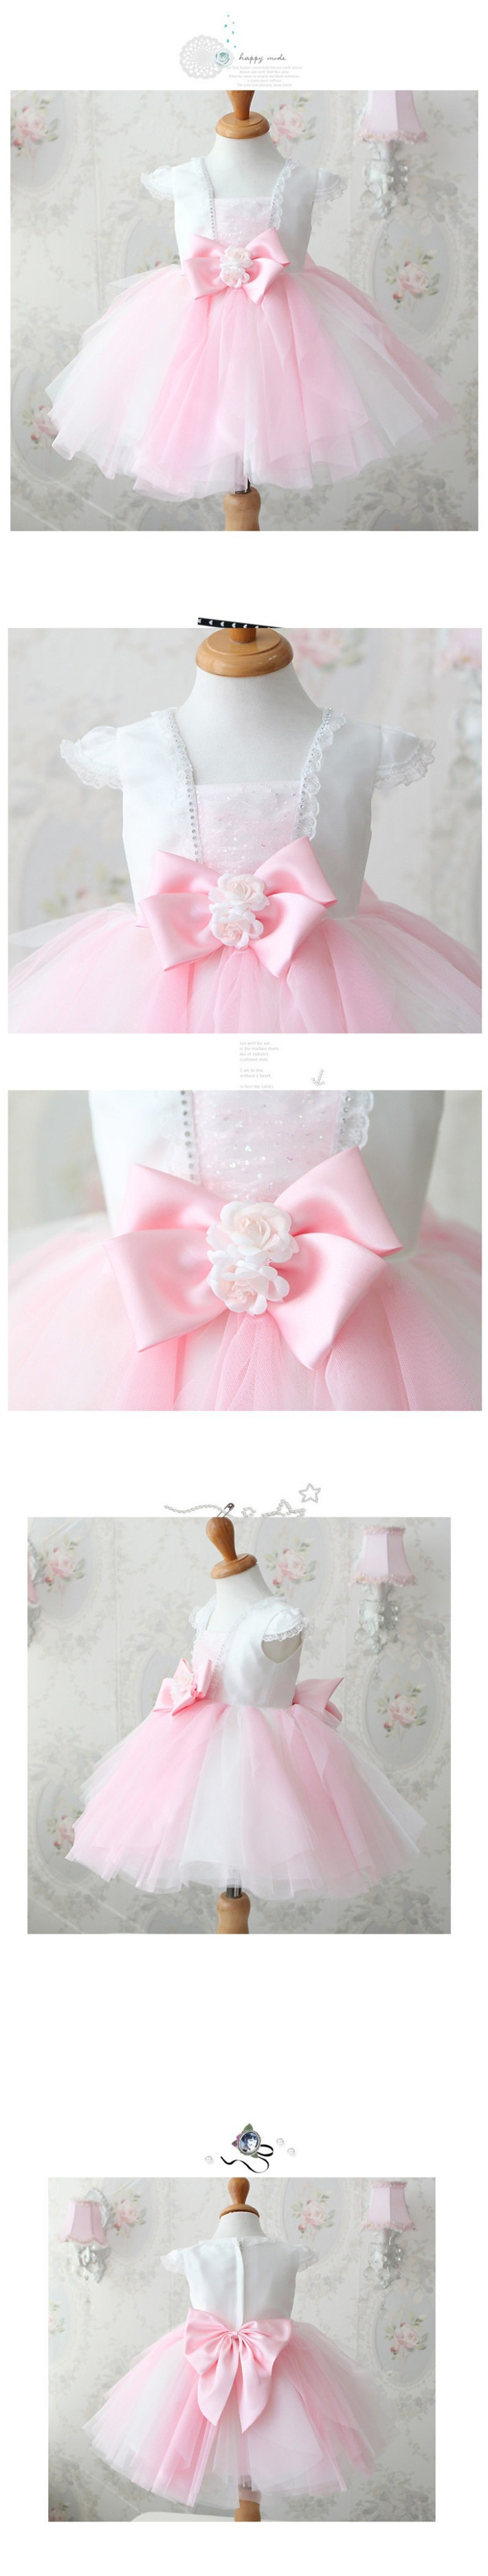 Скидки на ДЕТСКИЕ WOW Baby Girl Одежда 1 Год Рождения Платье Цветок девочки Платья Vestido Infantil для 0-10 Т Младенческой Принцесса Платье 8009